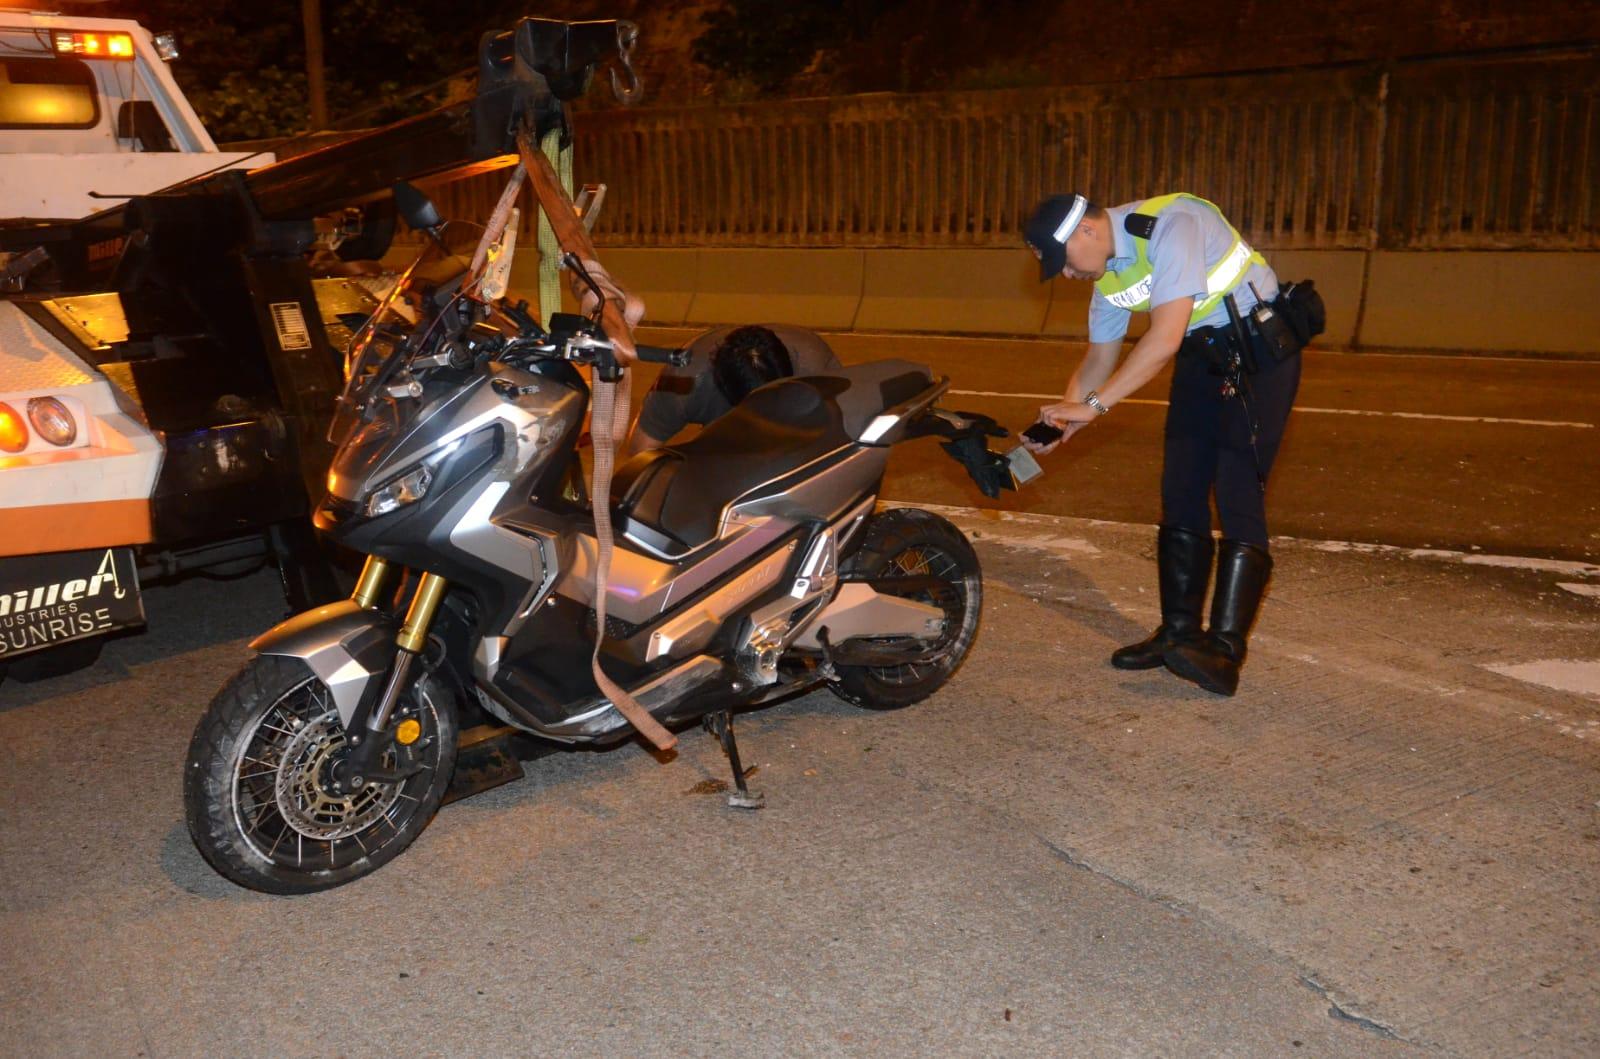 肇事電單車為本田adv750。